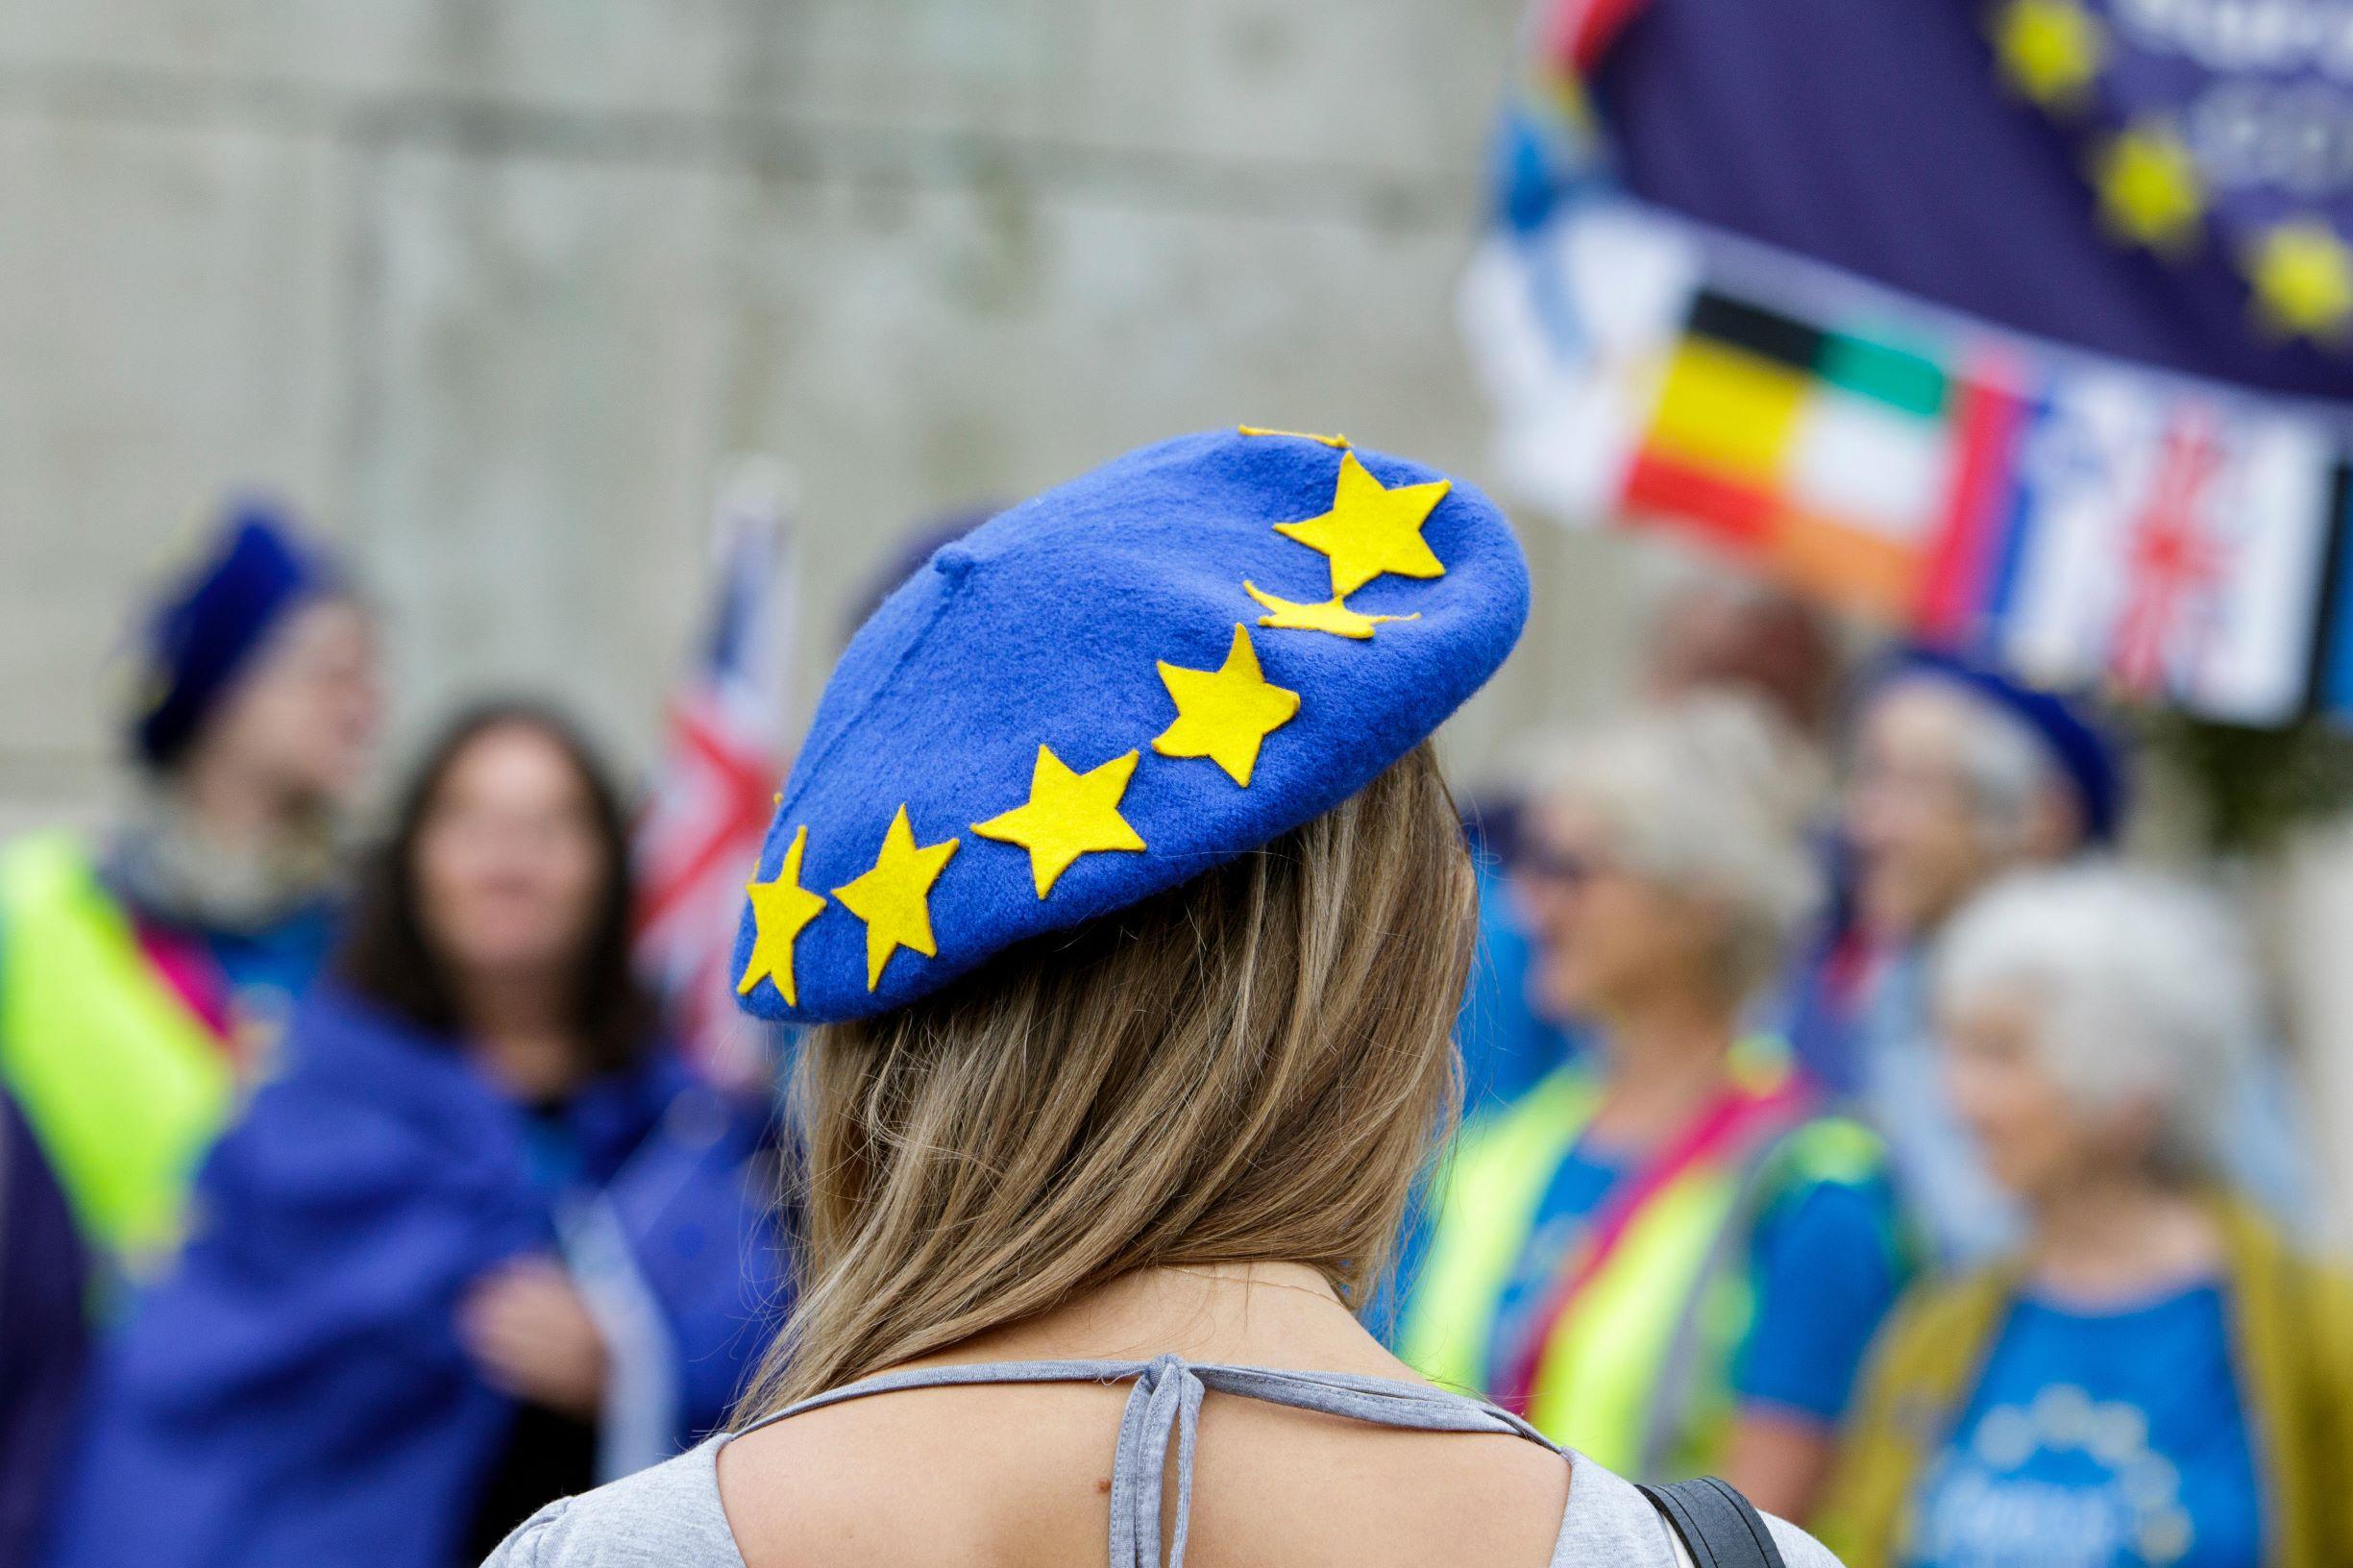 19,580 EU nationals in Wandsworth left in limbo